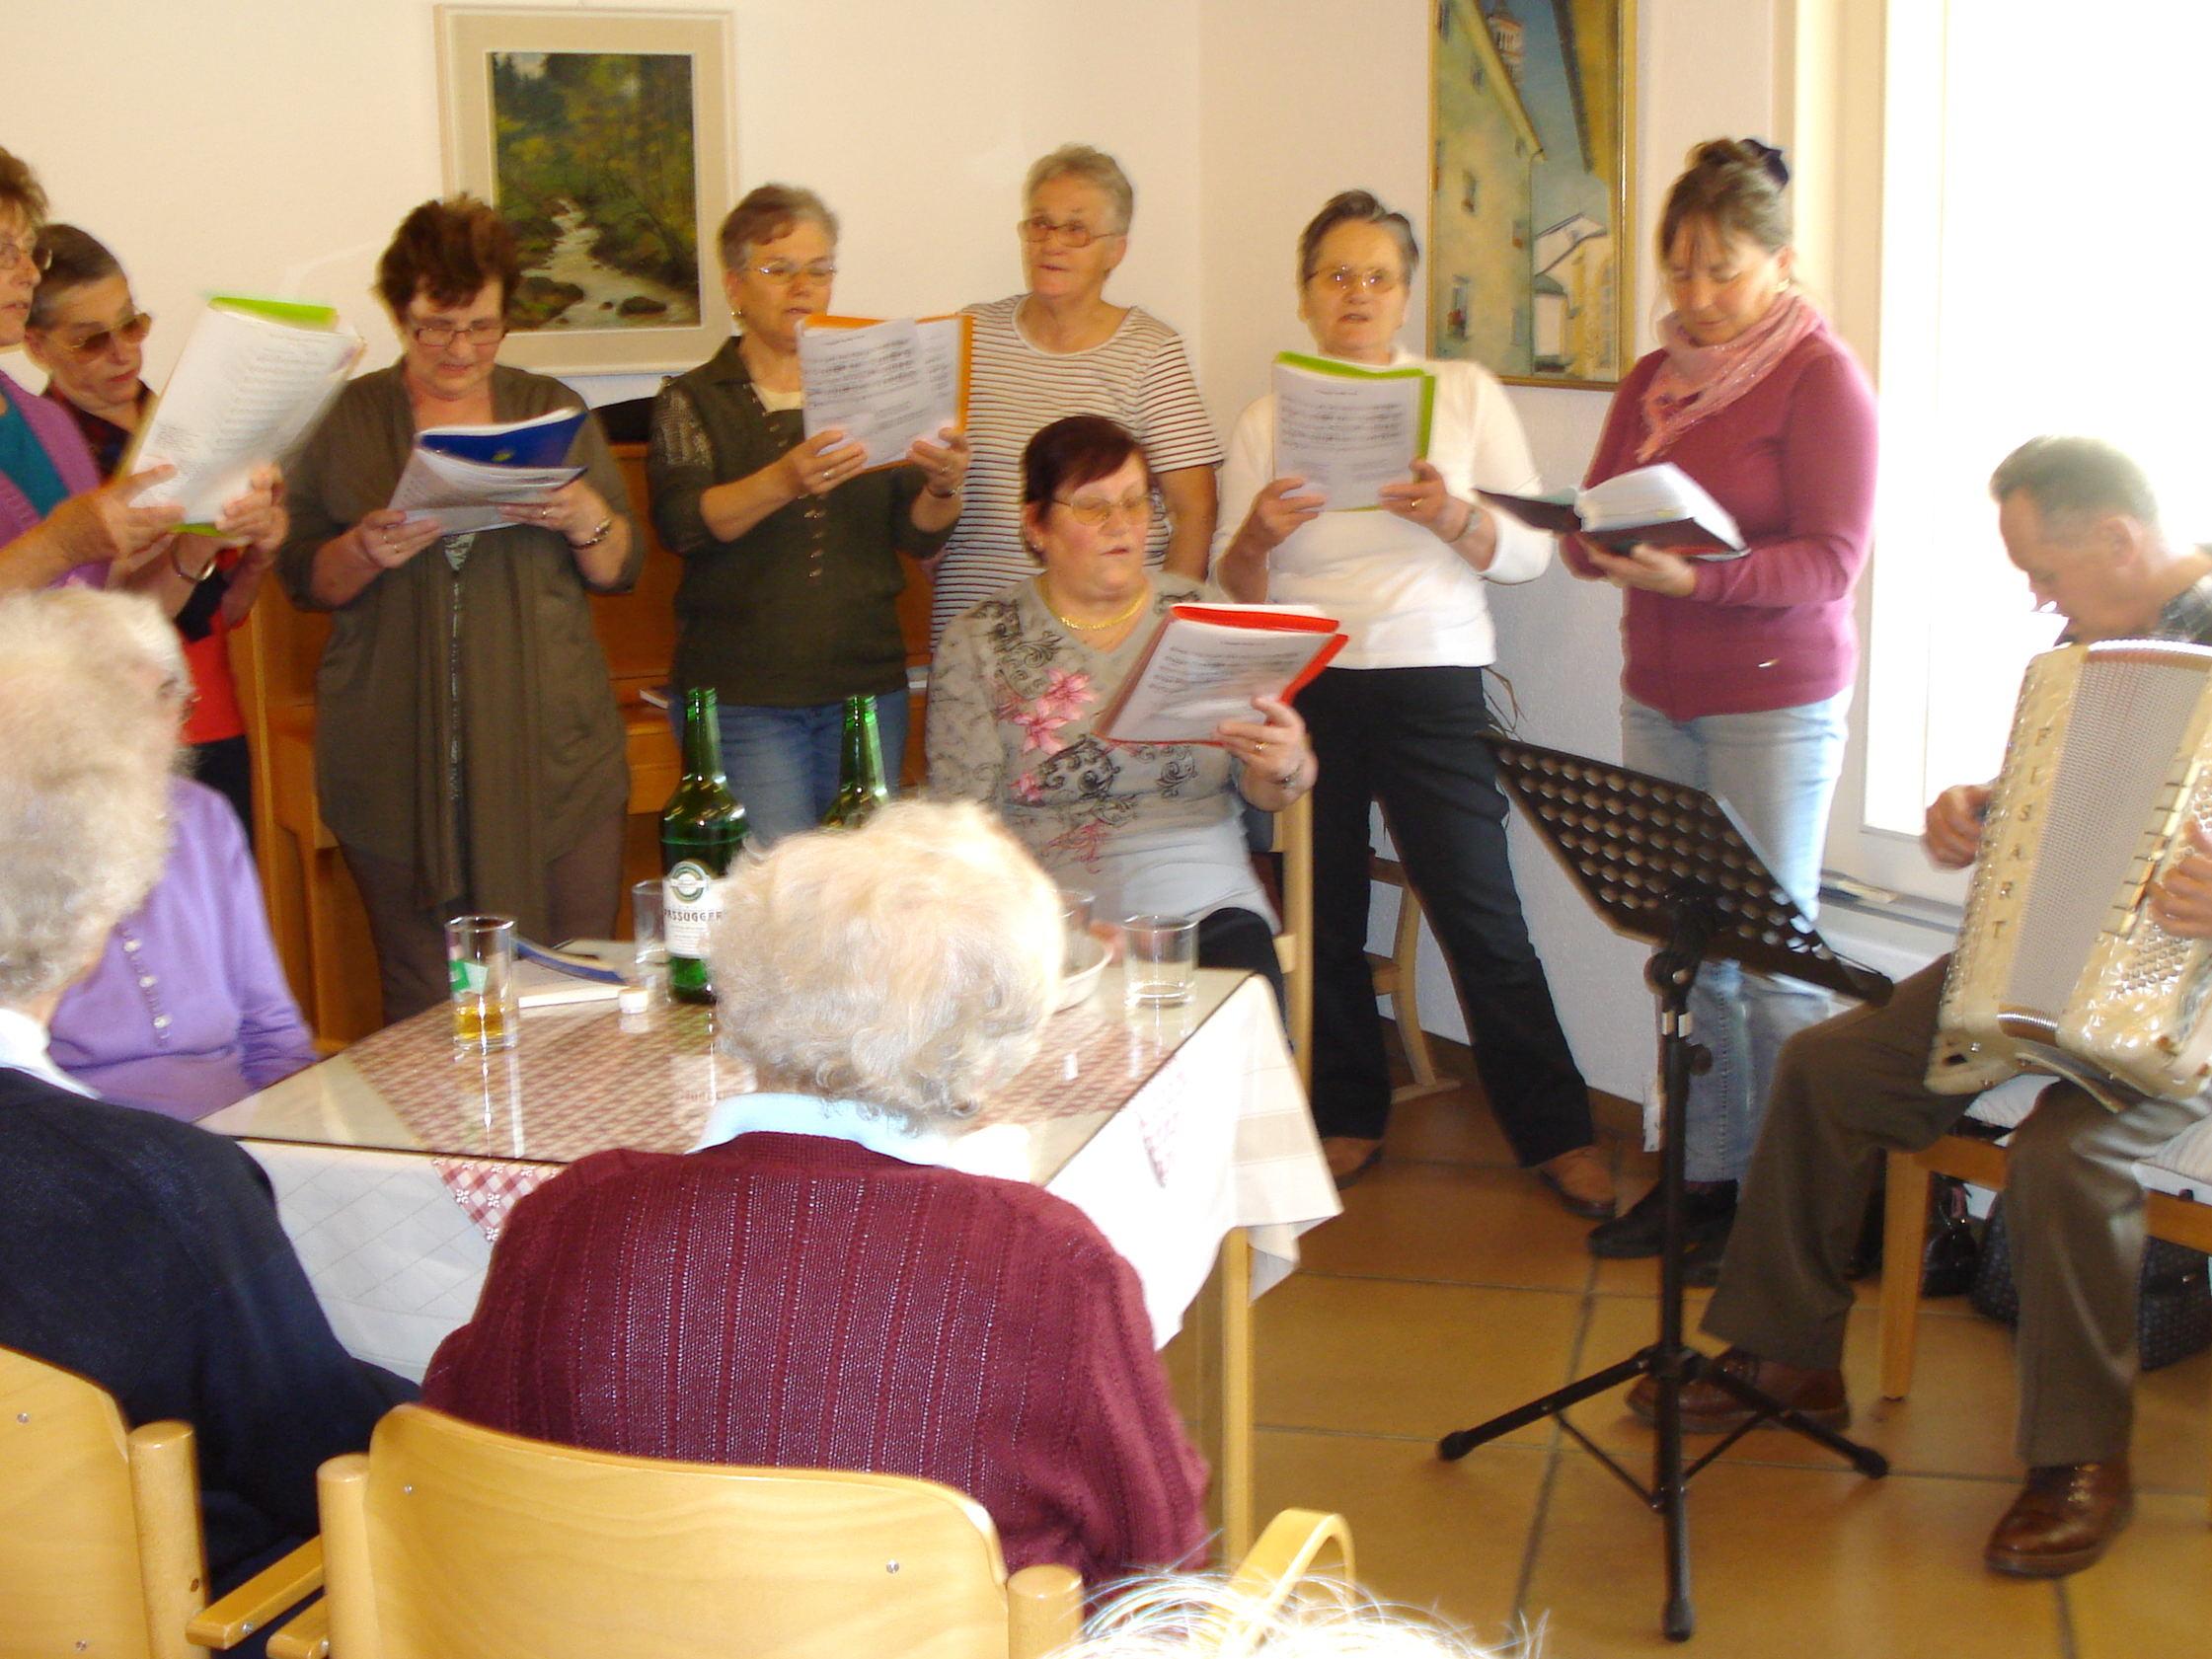 foto amici del canto nr.289 Predazzo, ultranovantenni costretti a pagare la tassa SIAE per aver intonato canti di montagna alla loro festa